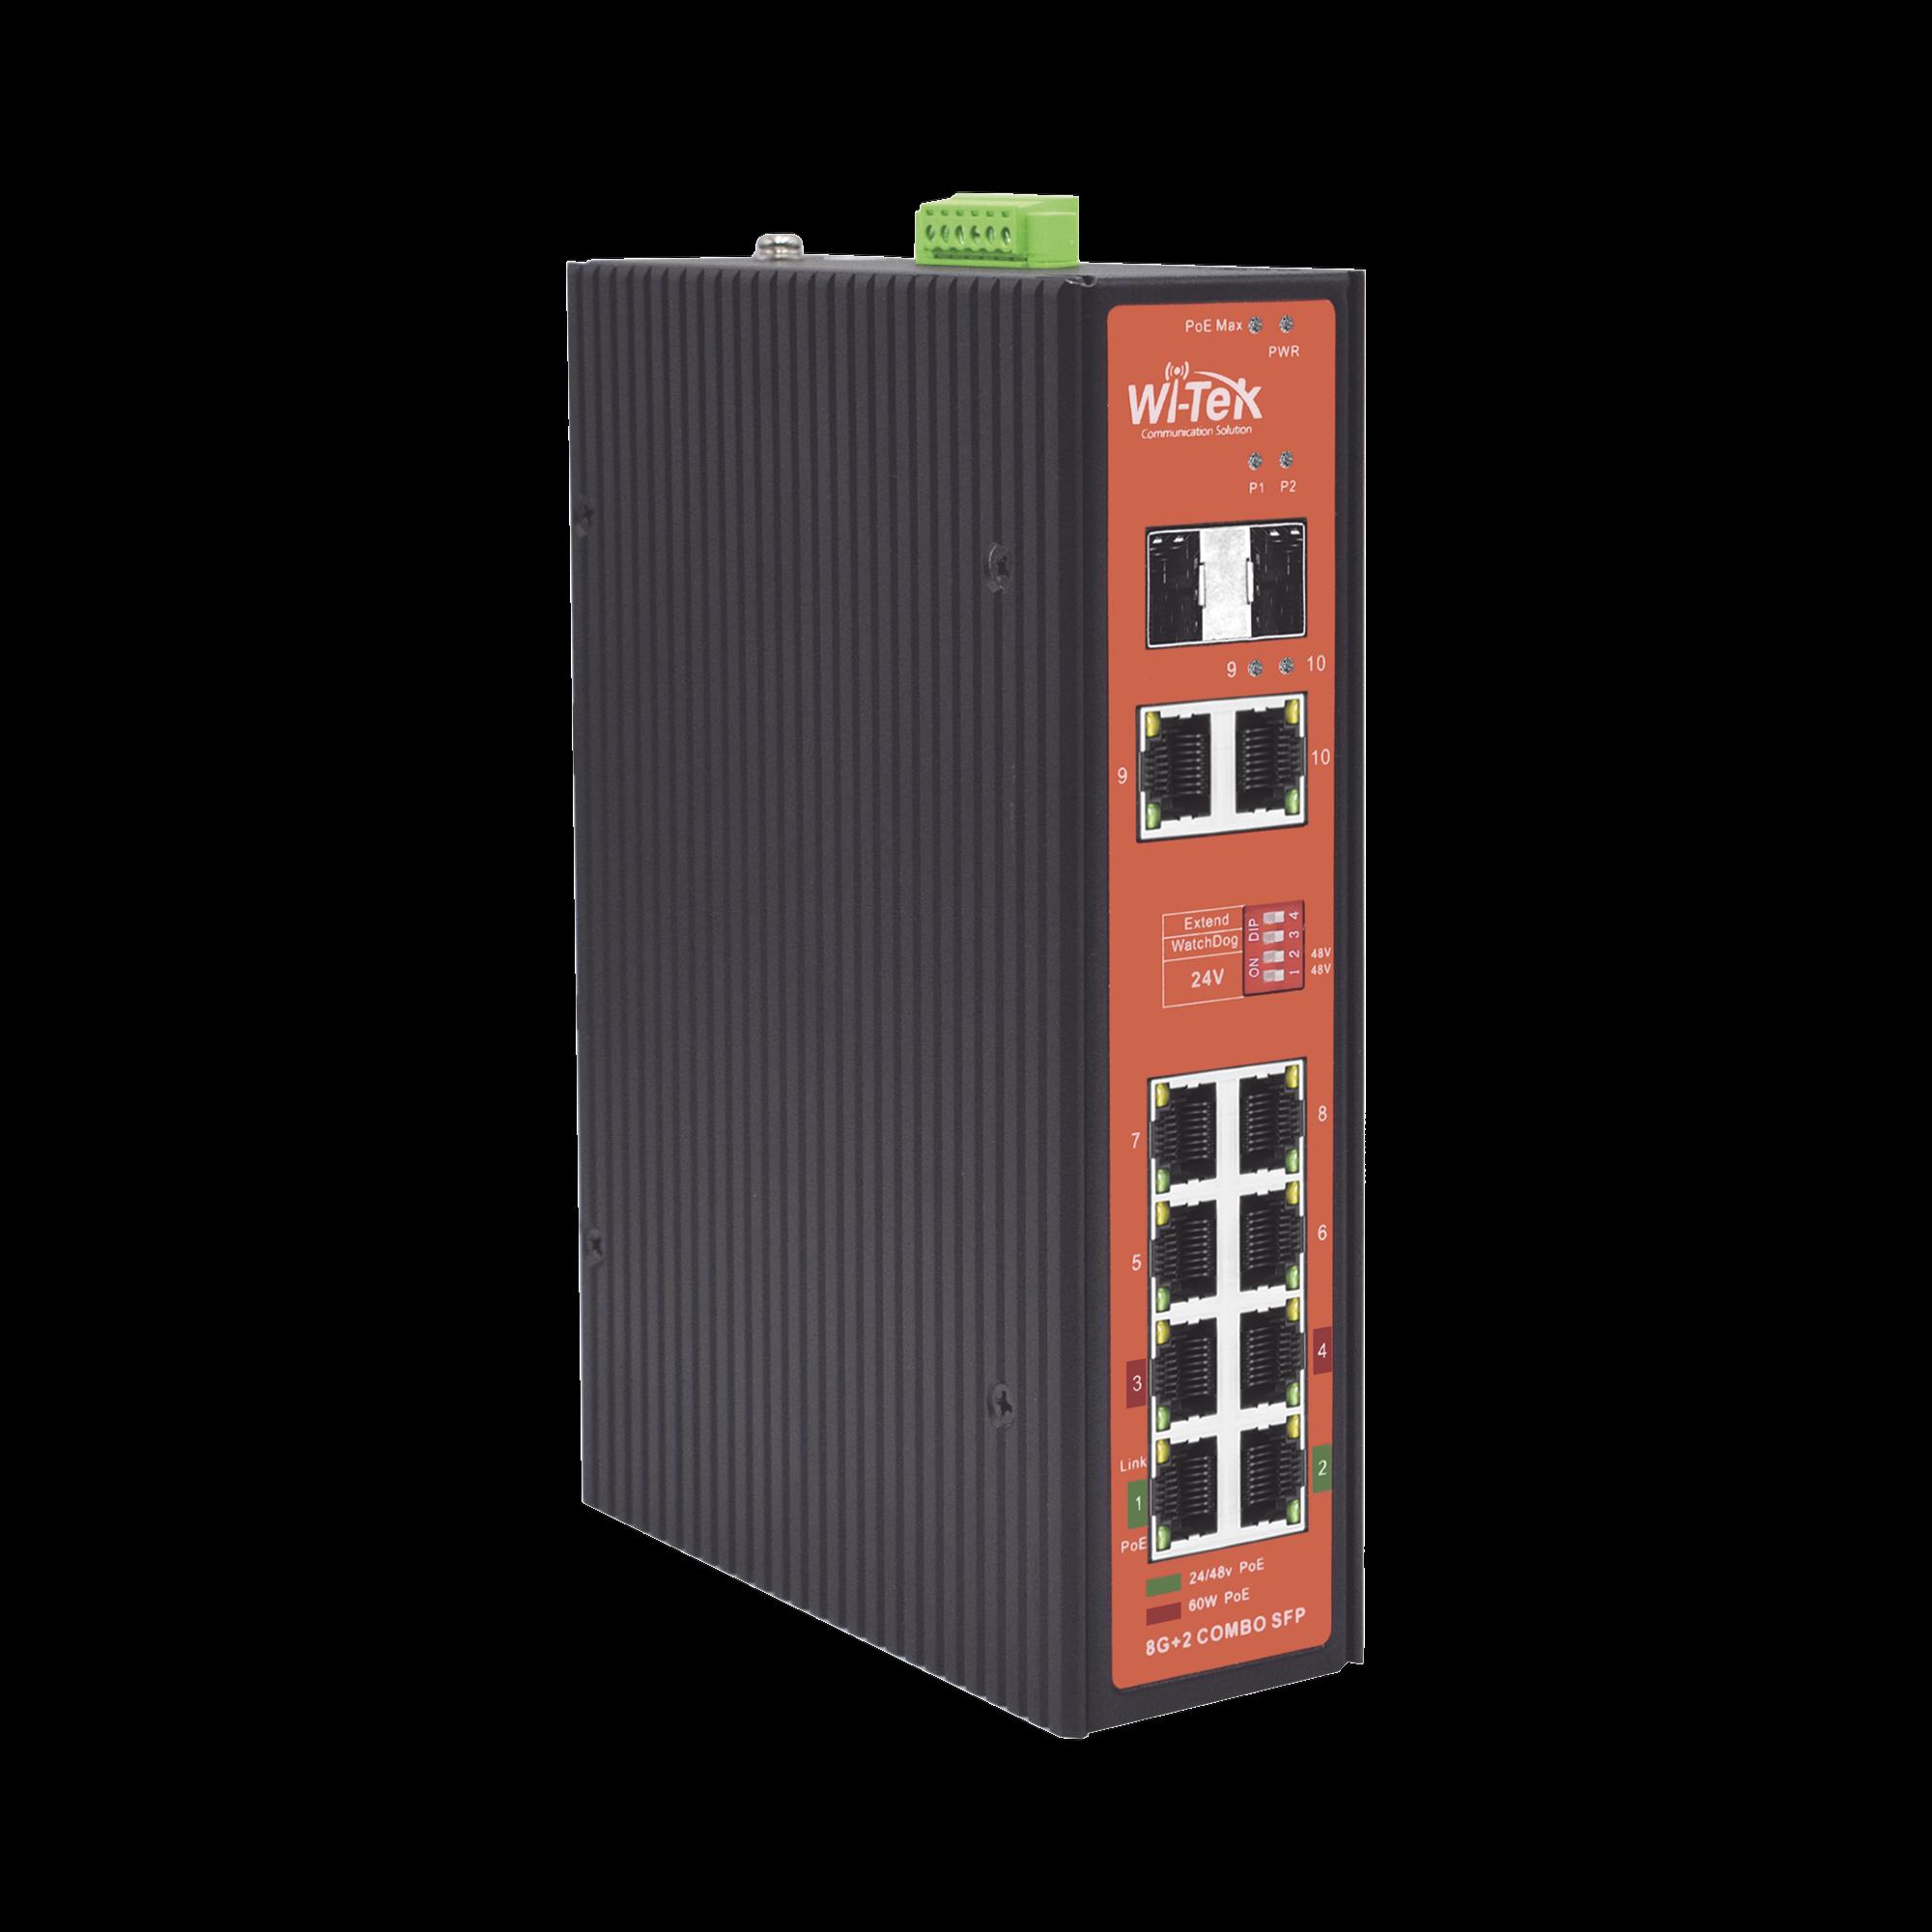 Switch Industrial PoE++ y pasivo de 24V, no administrable con 8 puertos Gigabit + 2 SFP combo